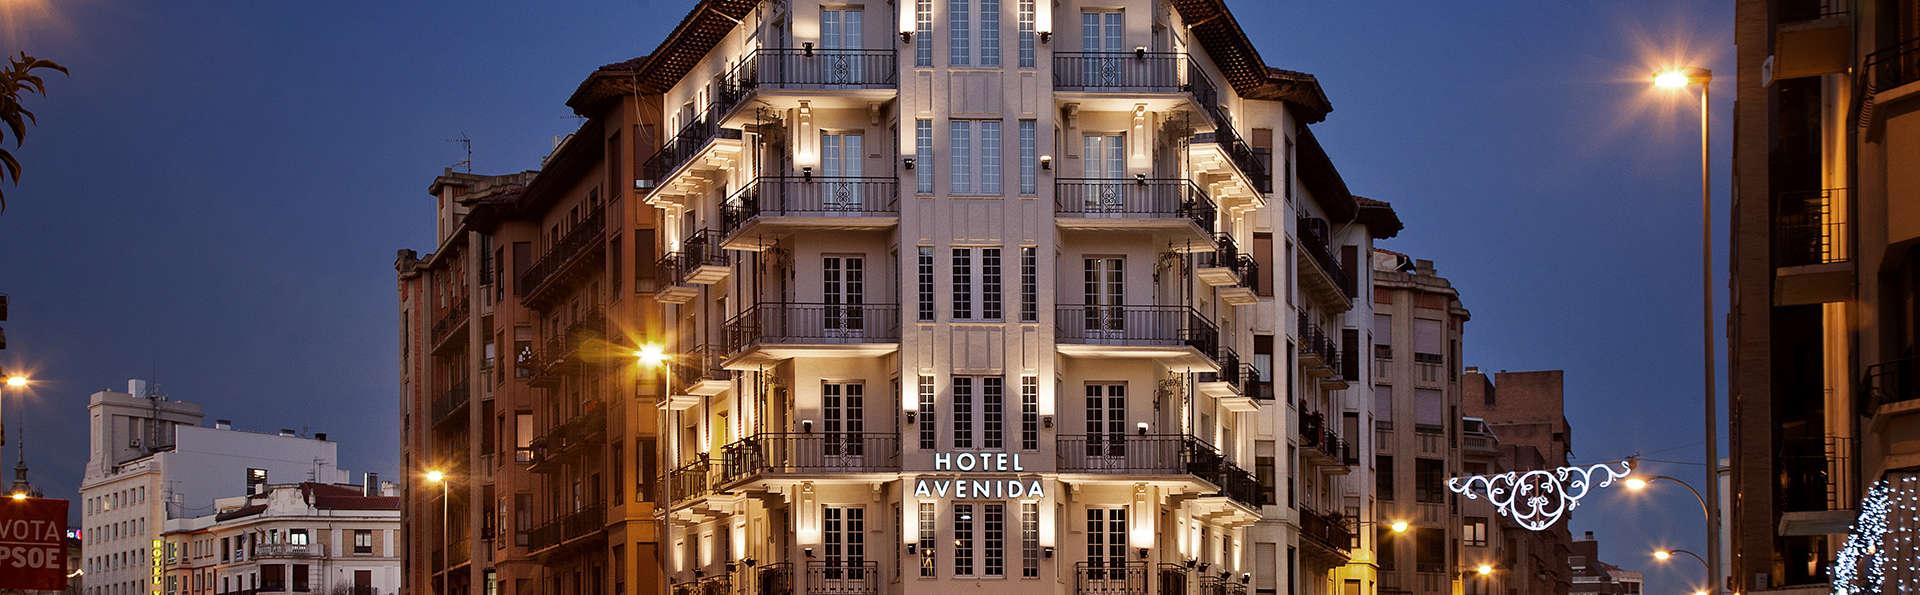 Hotel Avenida - edit_front2.jpg